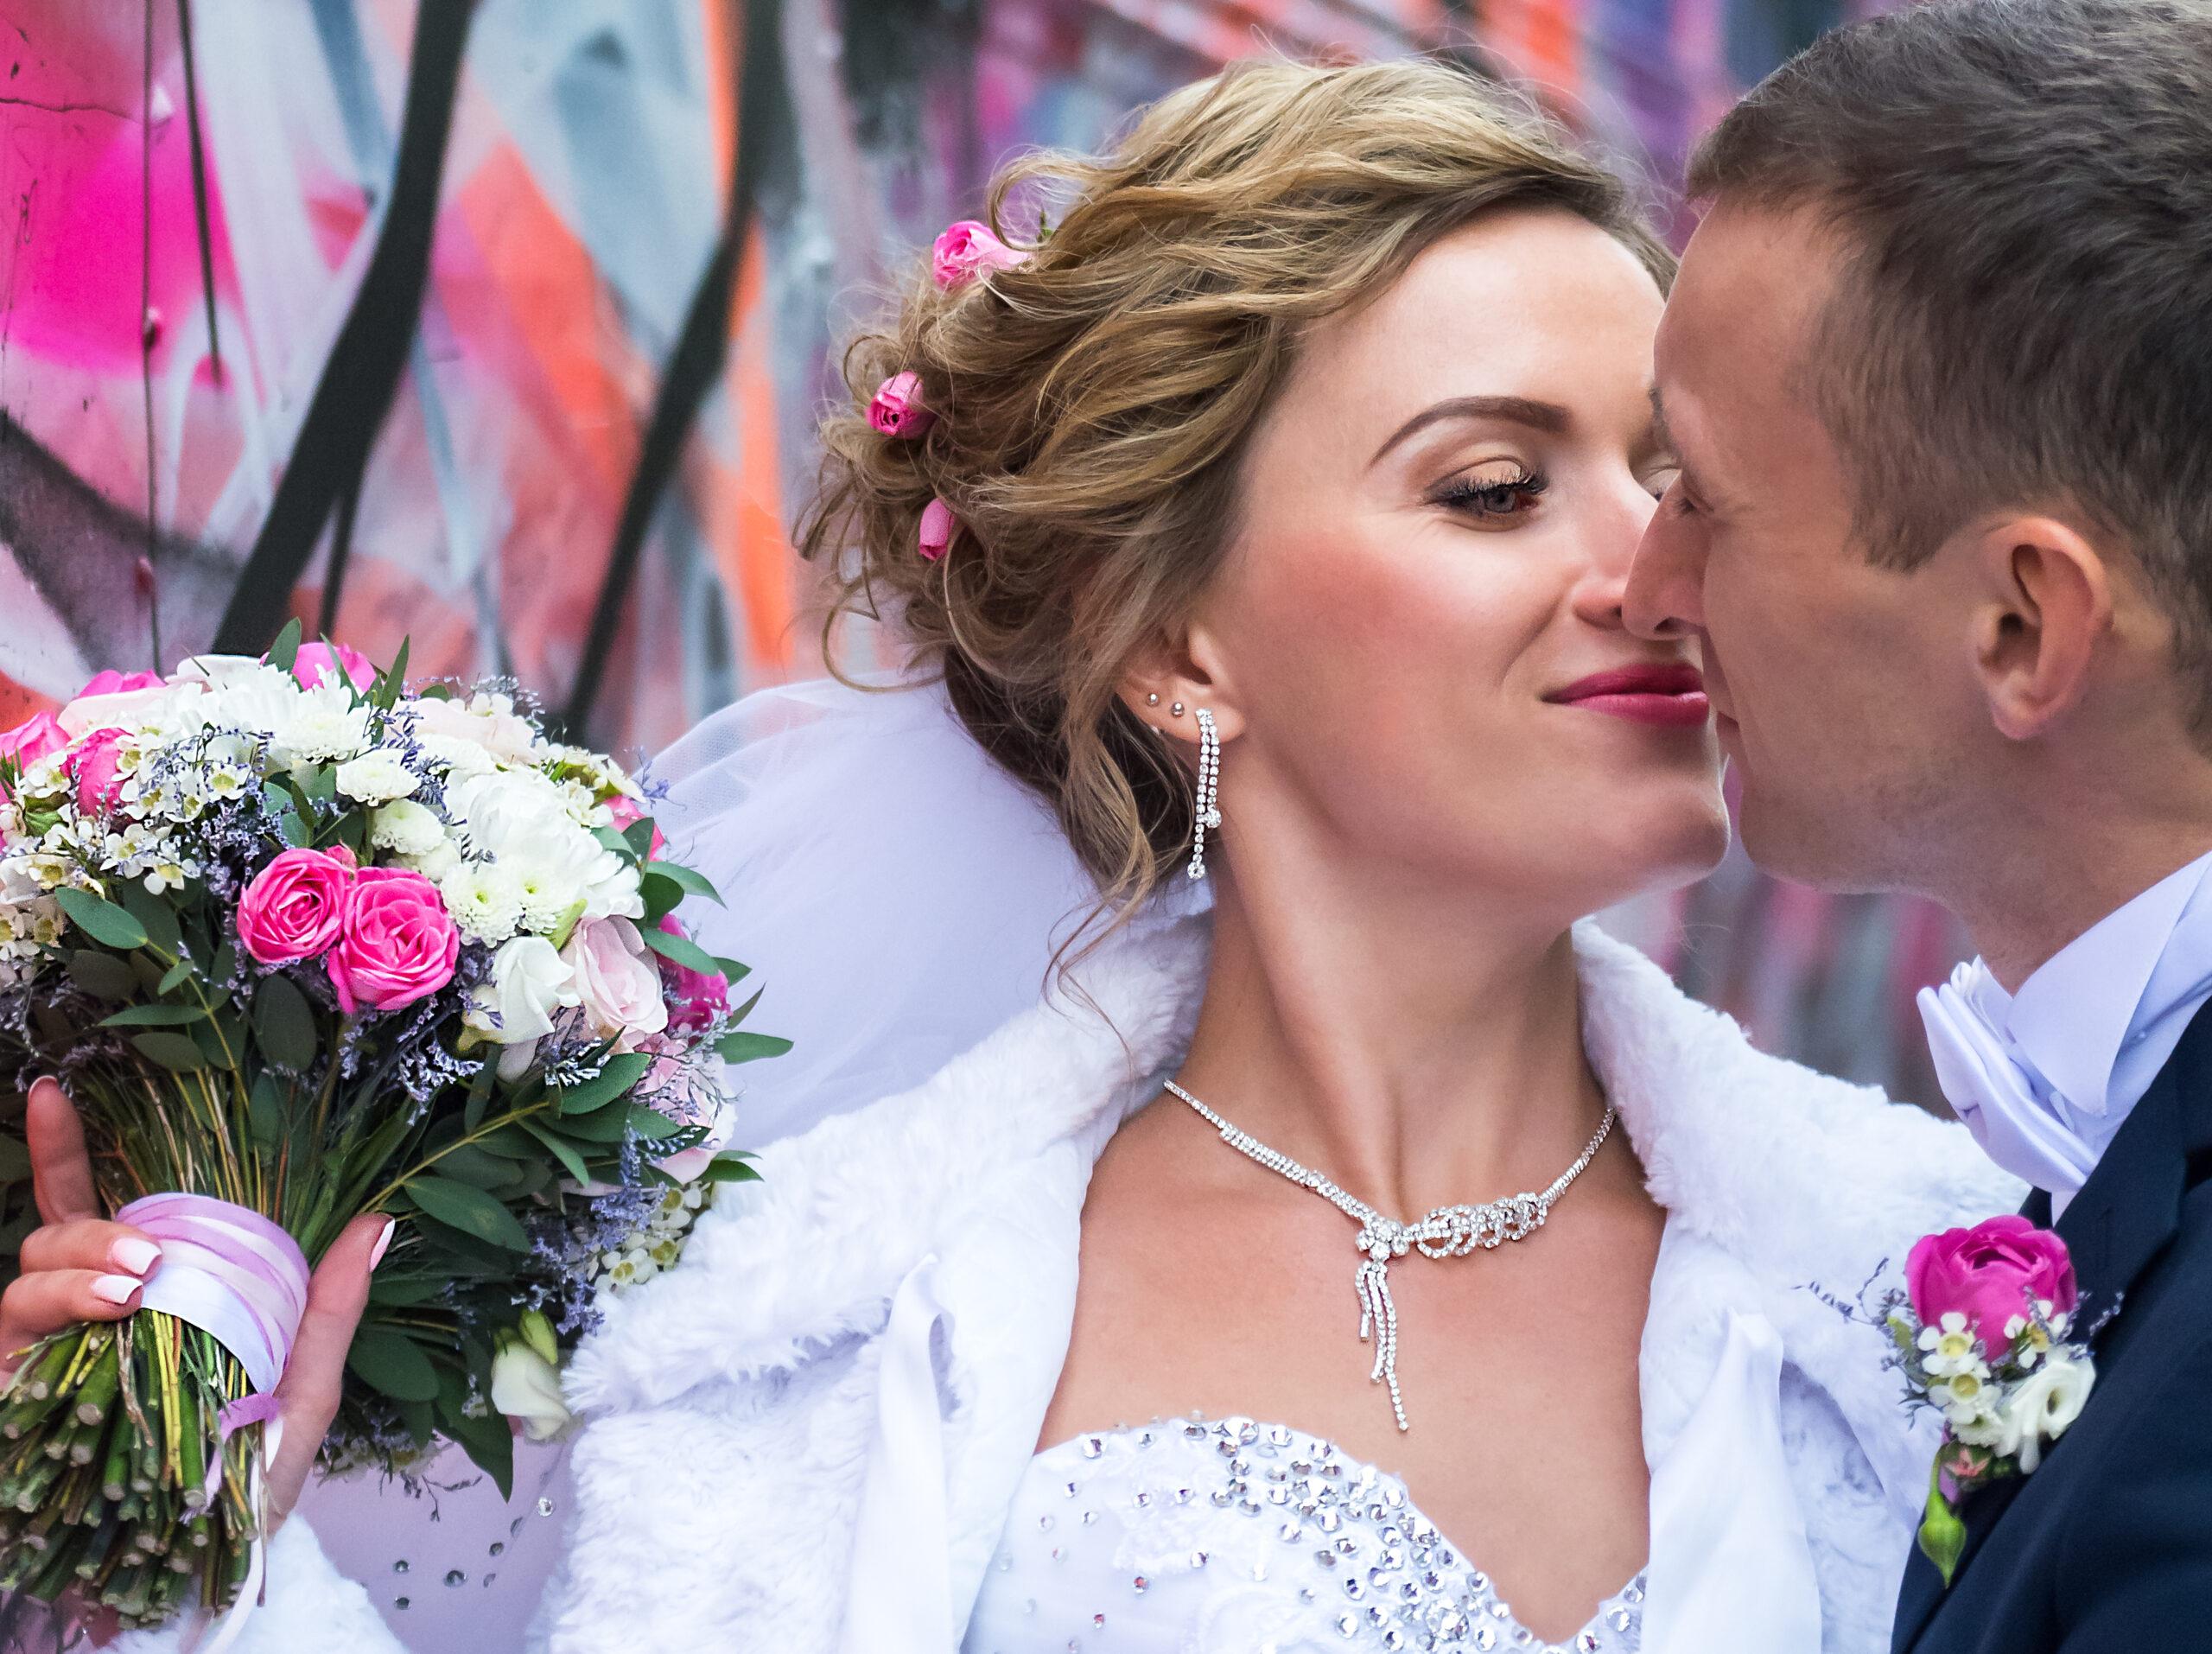 #свадьба, #свадебная_фотосессия, #свадебный_фоторепортаж, #свадебный_фотограф, #фотосъёмка_свадьбы, #фотограф_на_свадьбу, #фотограф_минск, #свадебный_день